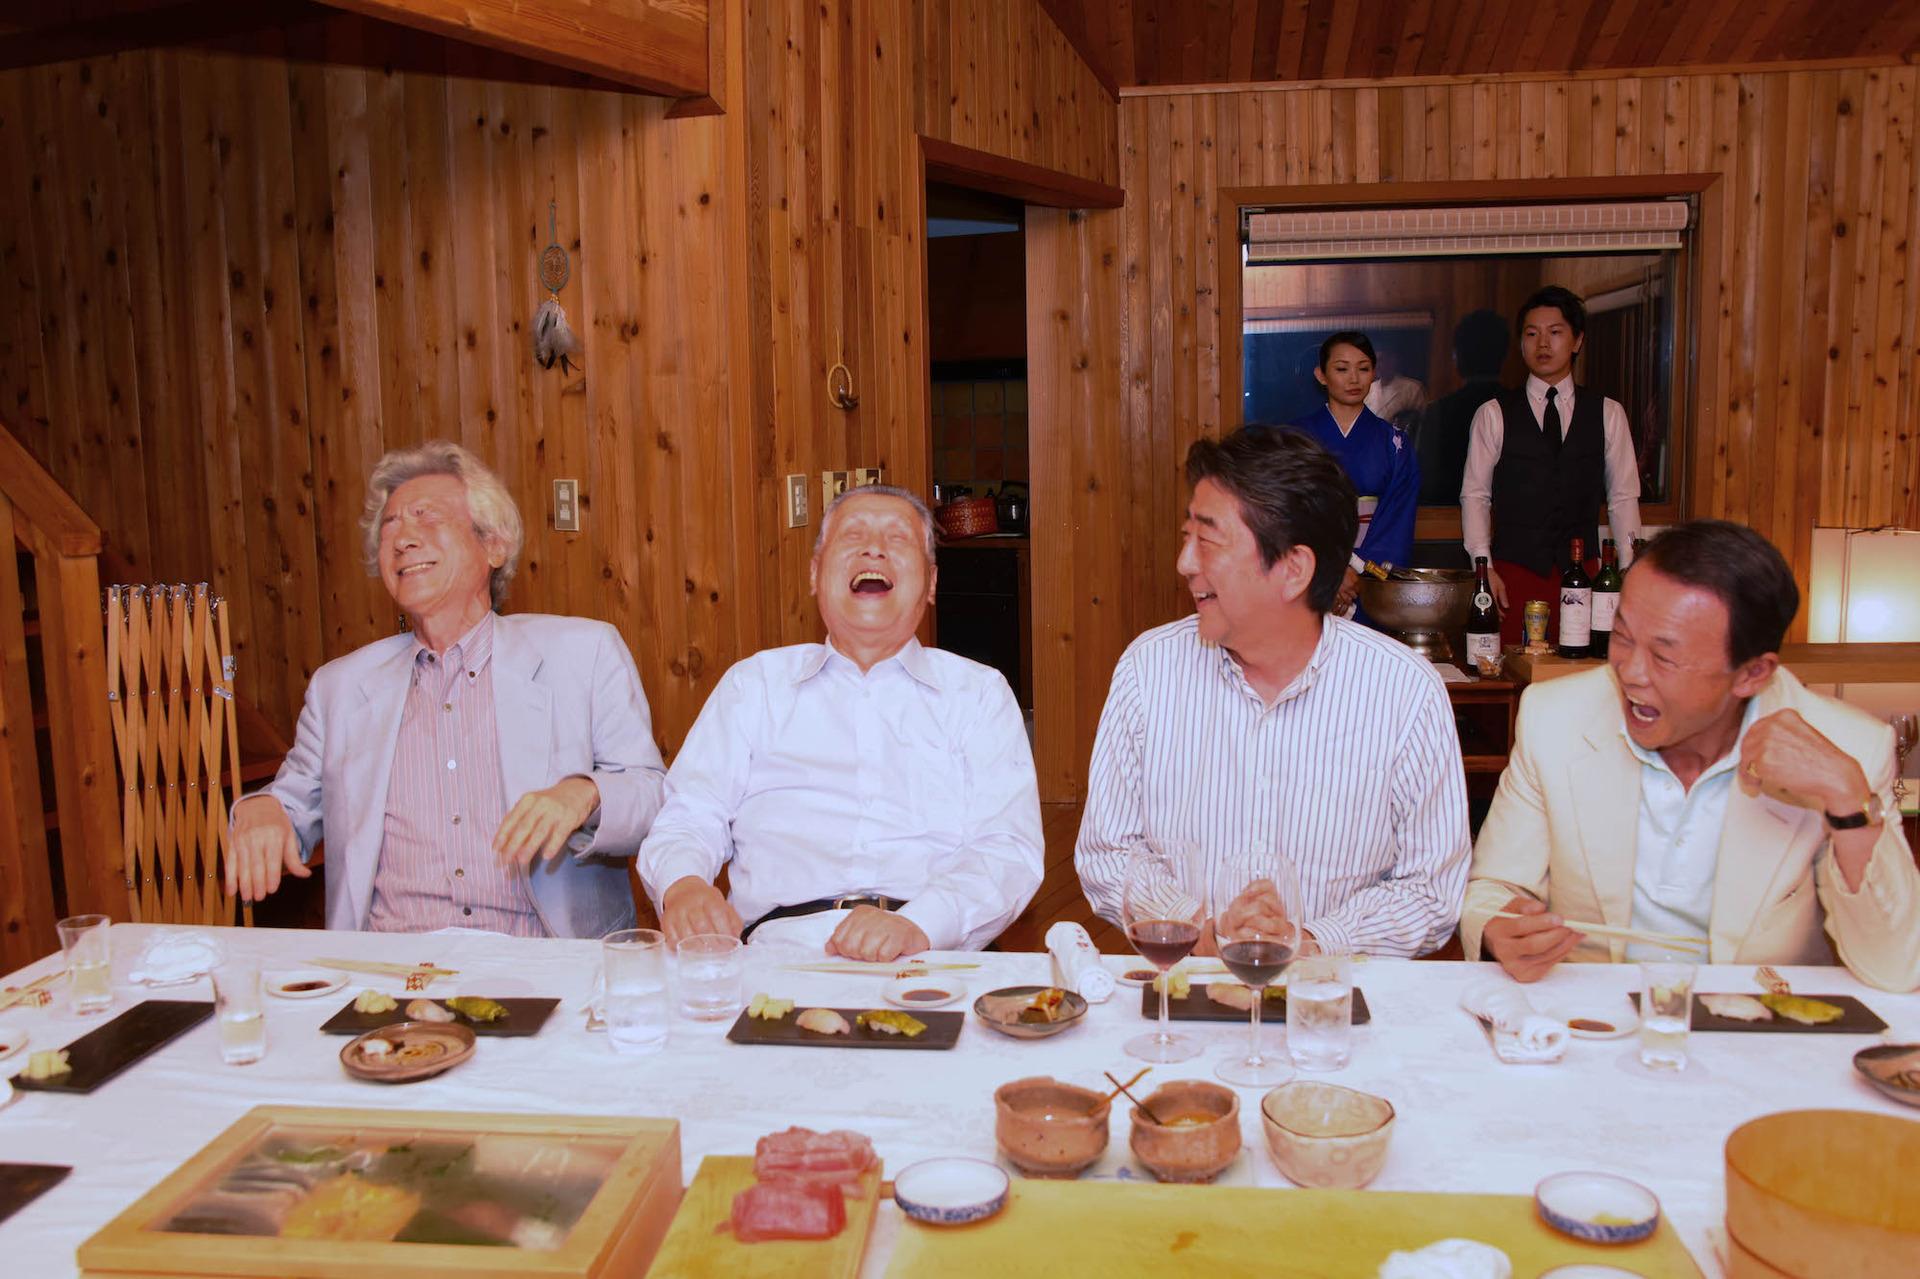 安倍首相の夏休みのメンツwwwwwwwwwwwwwのサムネイル画像